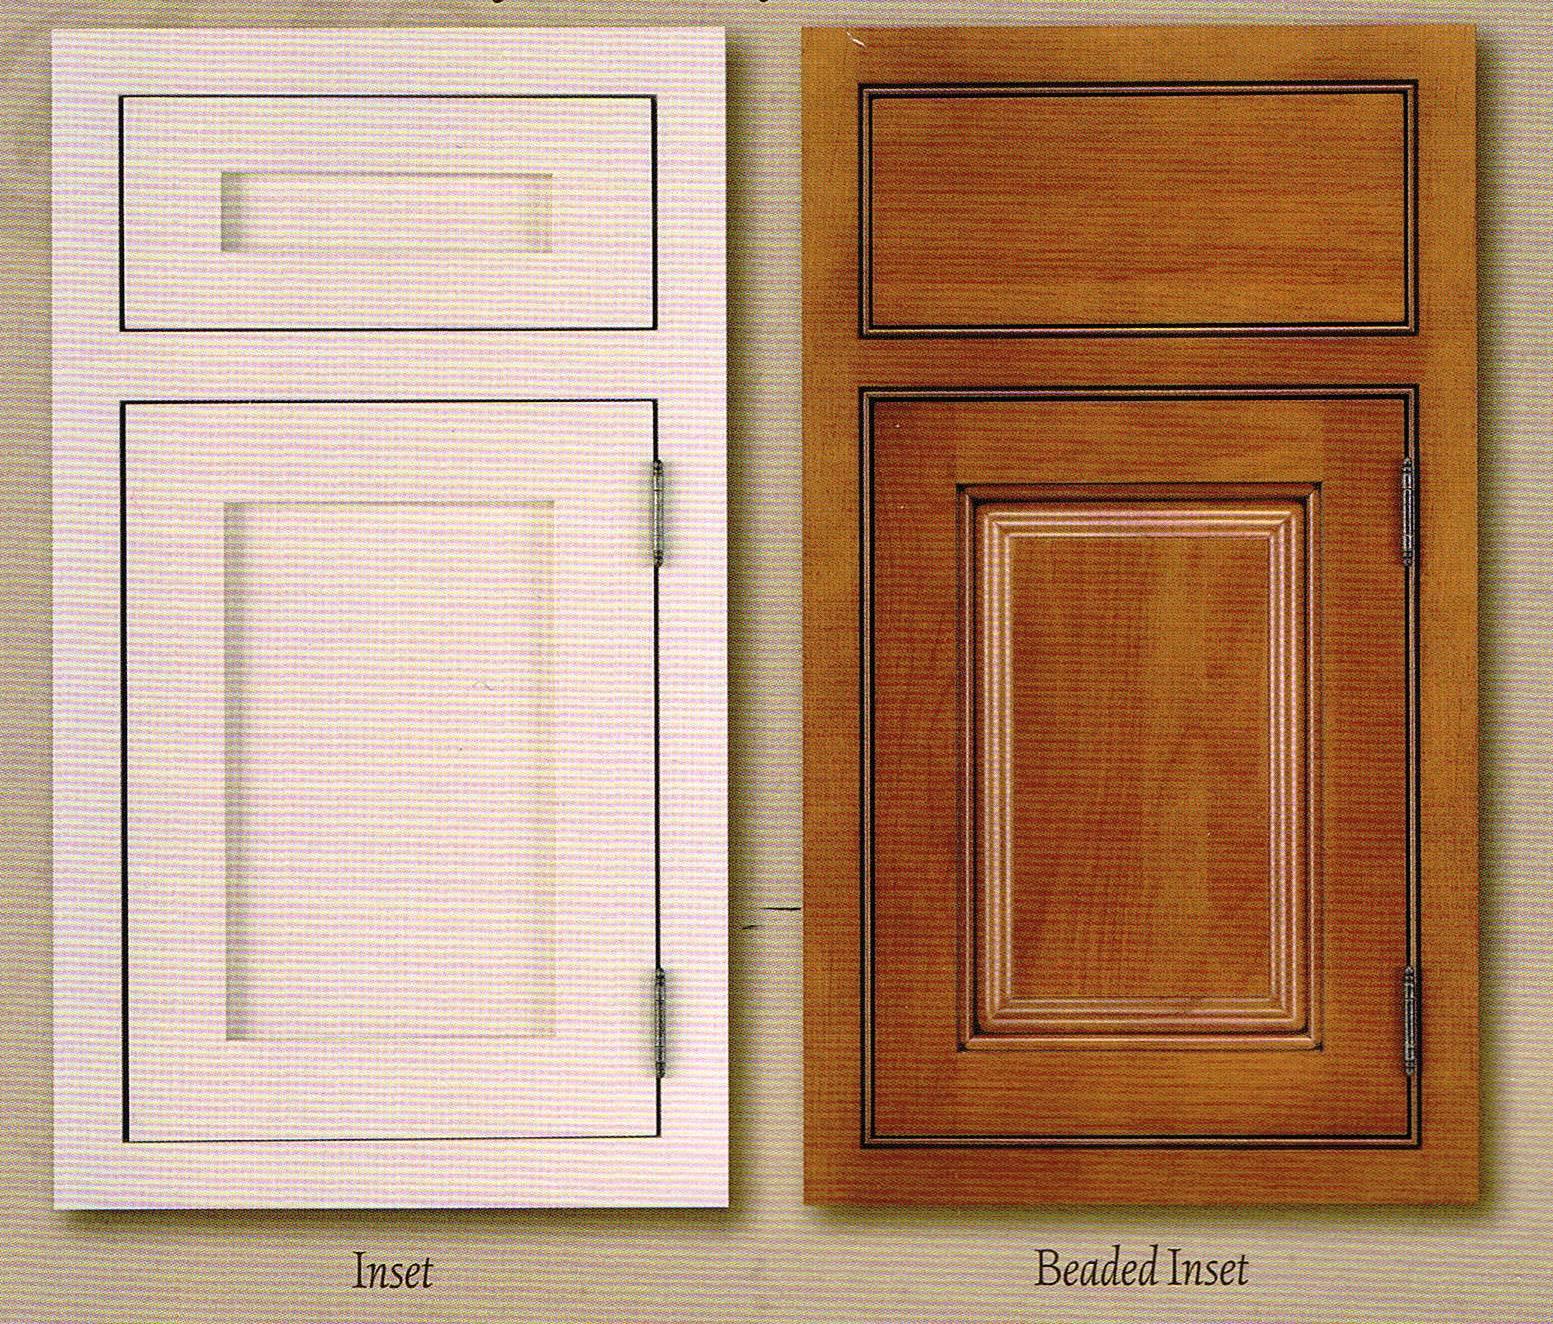 kitchen cabinets kitchen cabinet door styles How to Select Kitchen Cabinets Cabinetry Overlay Styles